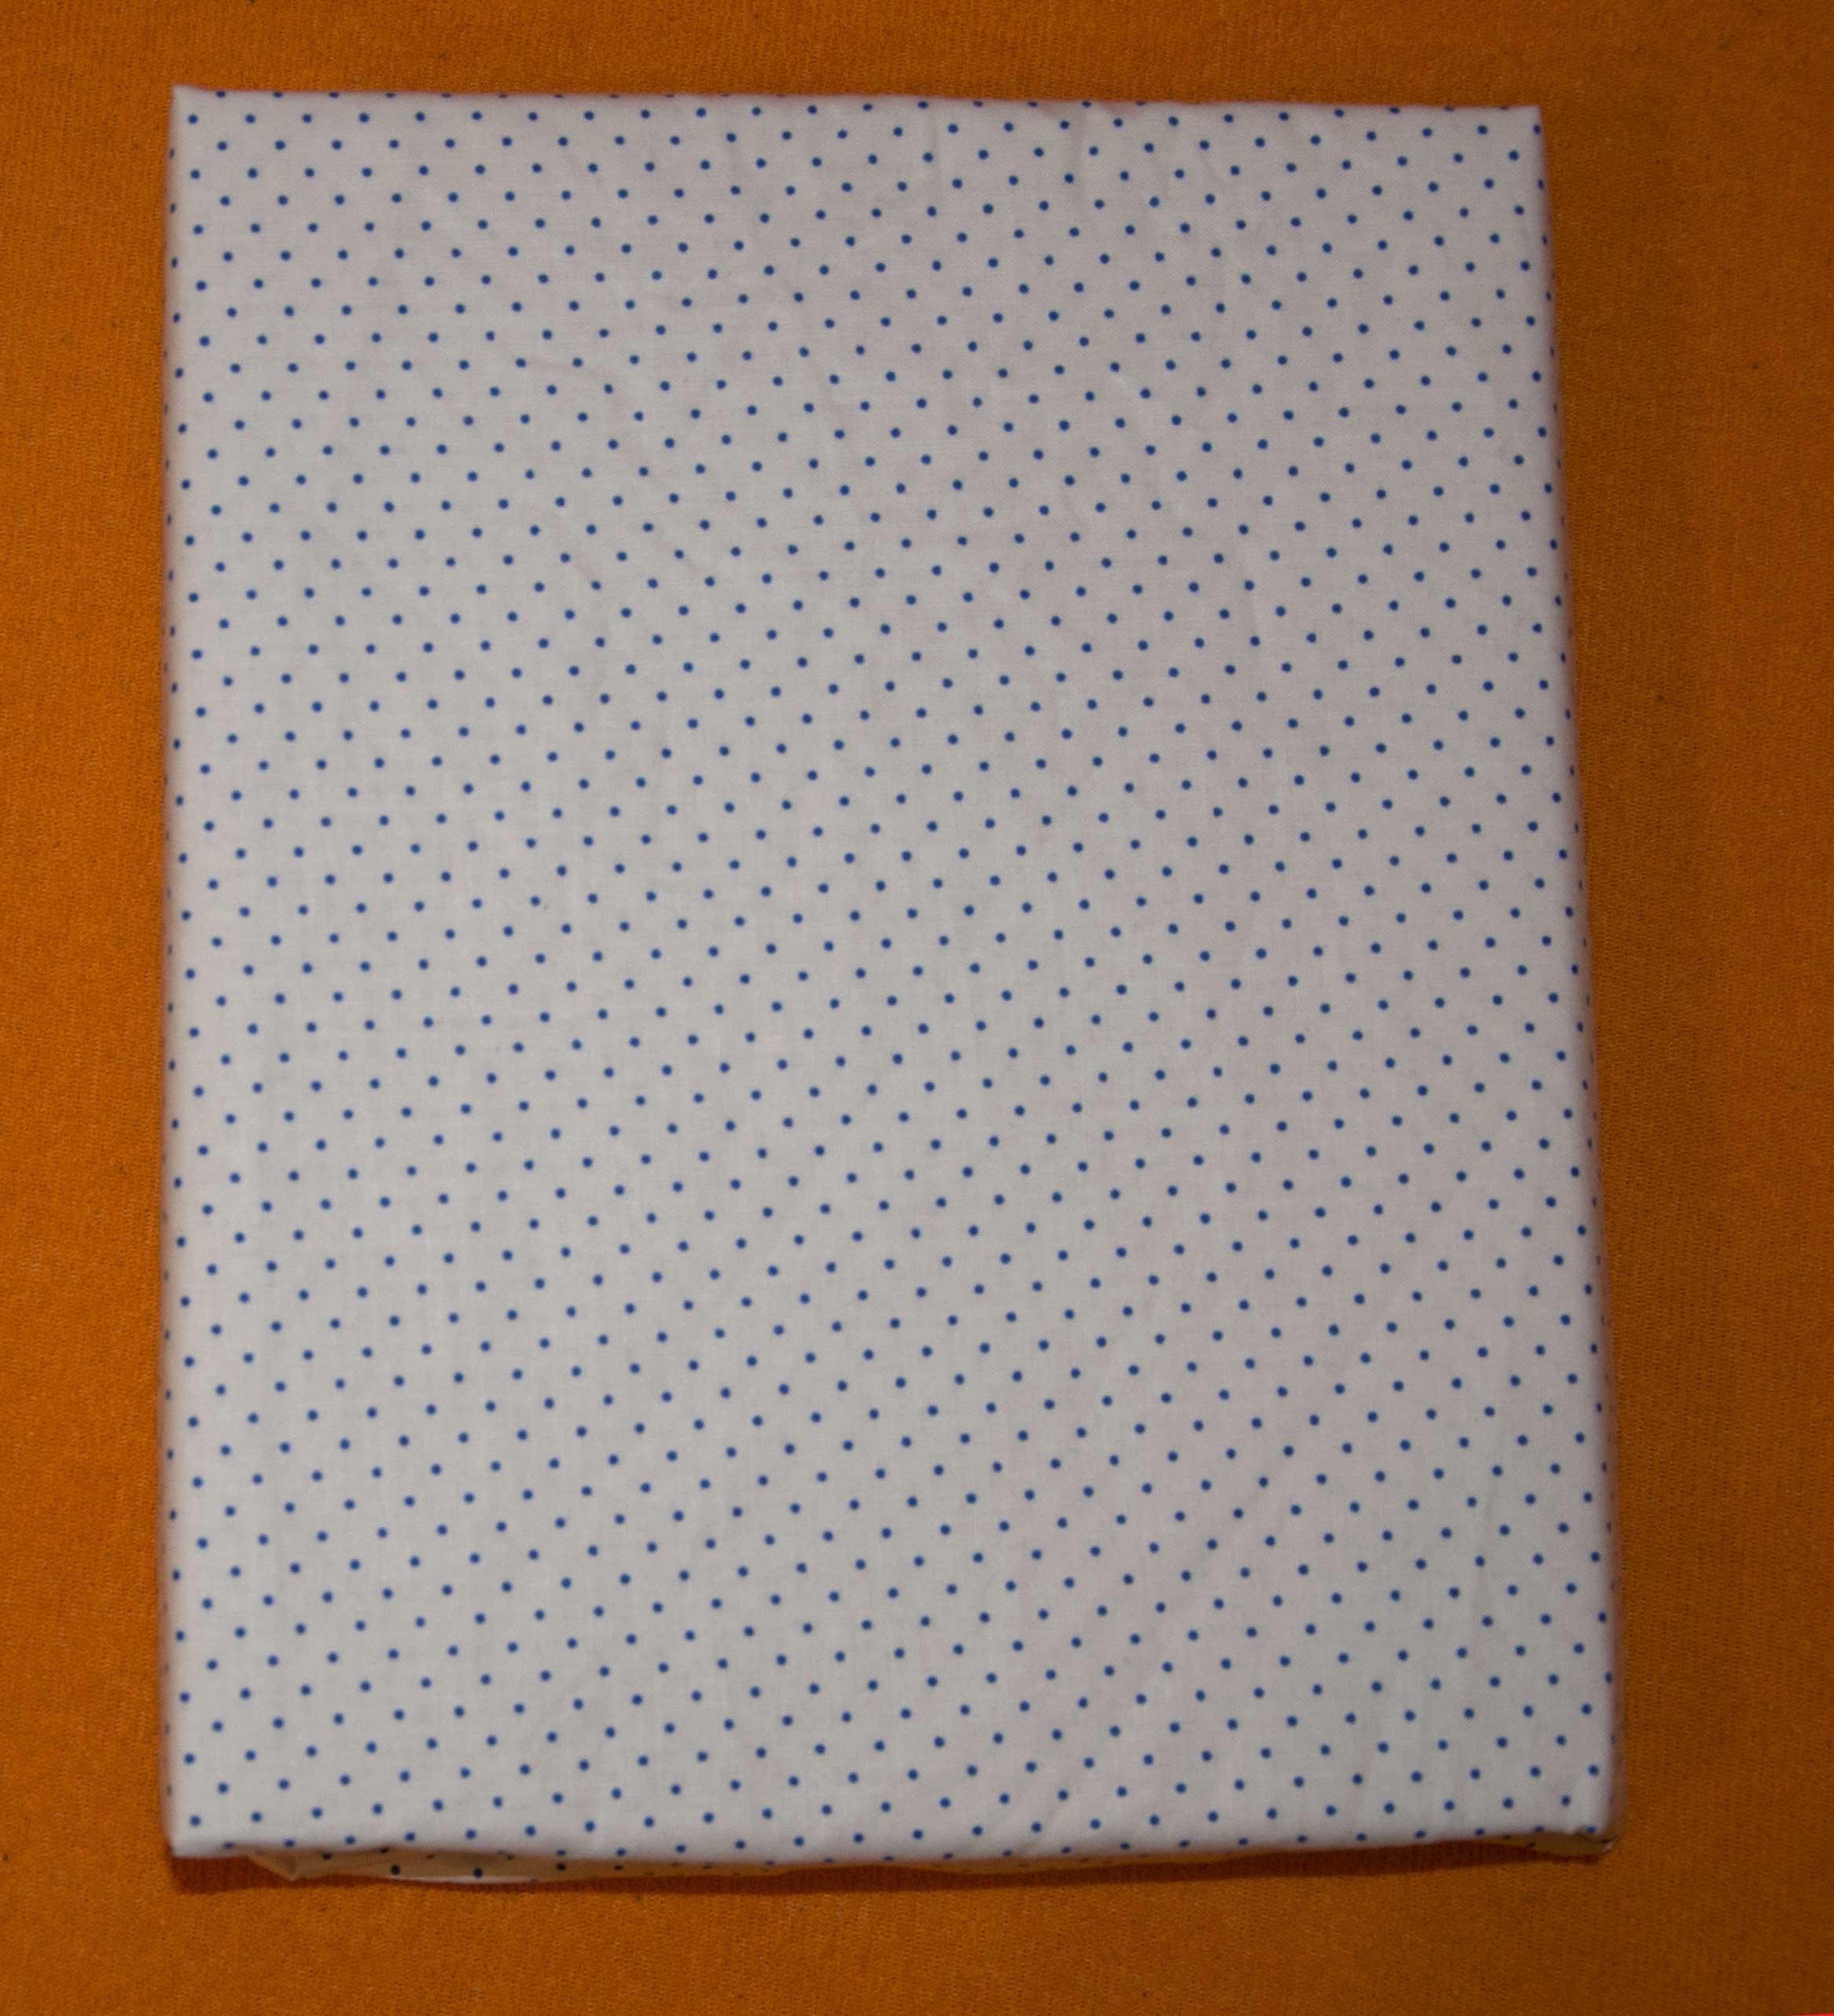 Bavln�n� prost�radlo 120x60 cm b�l� s modr�mi men��mi punt�ky - zv��i� obr�zok